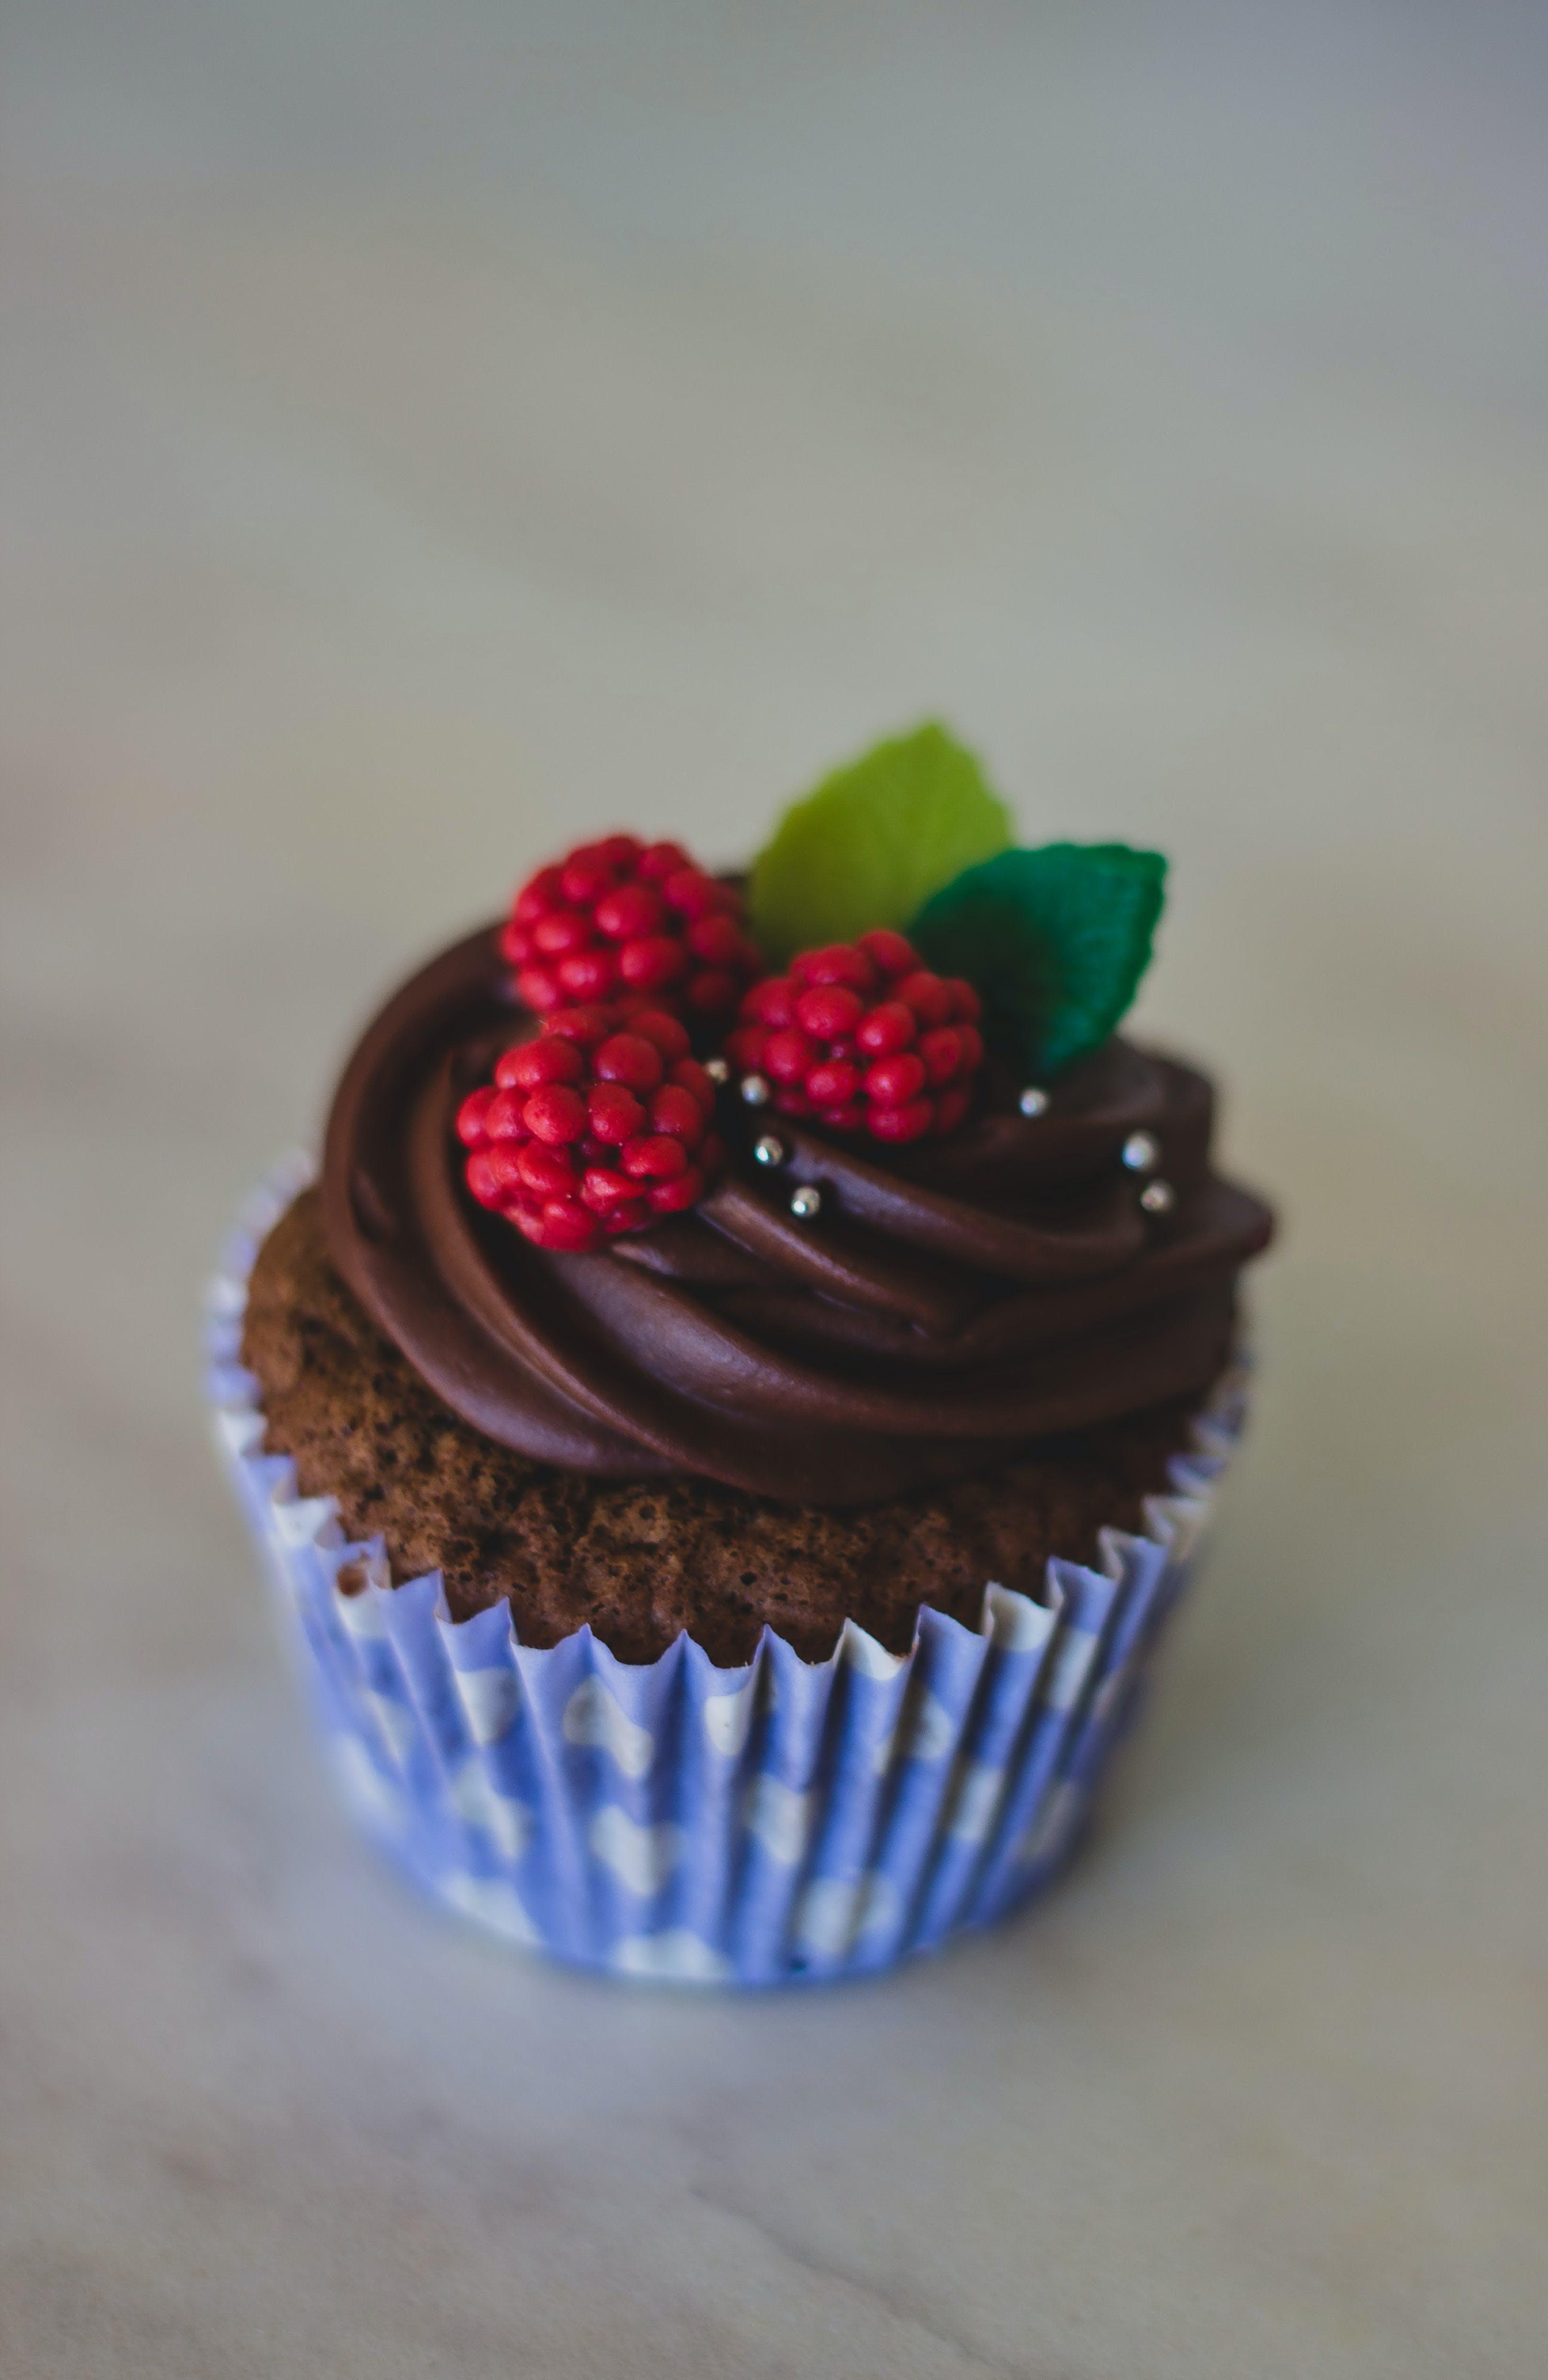 Kostenloses Stock Foto zu beeren, cupcake, drinnen, früchte